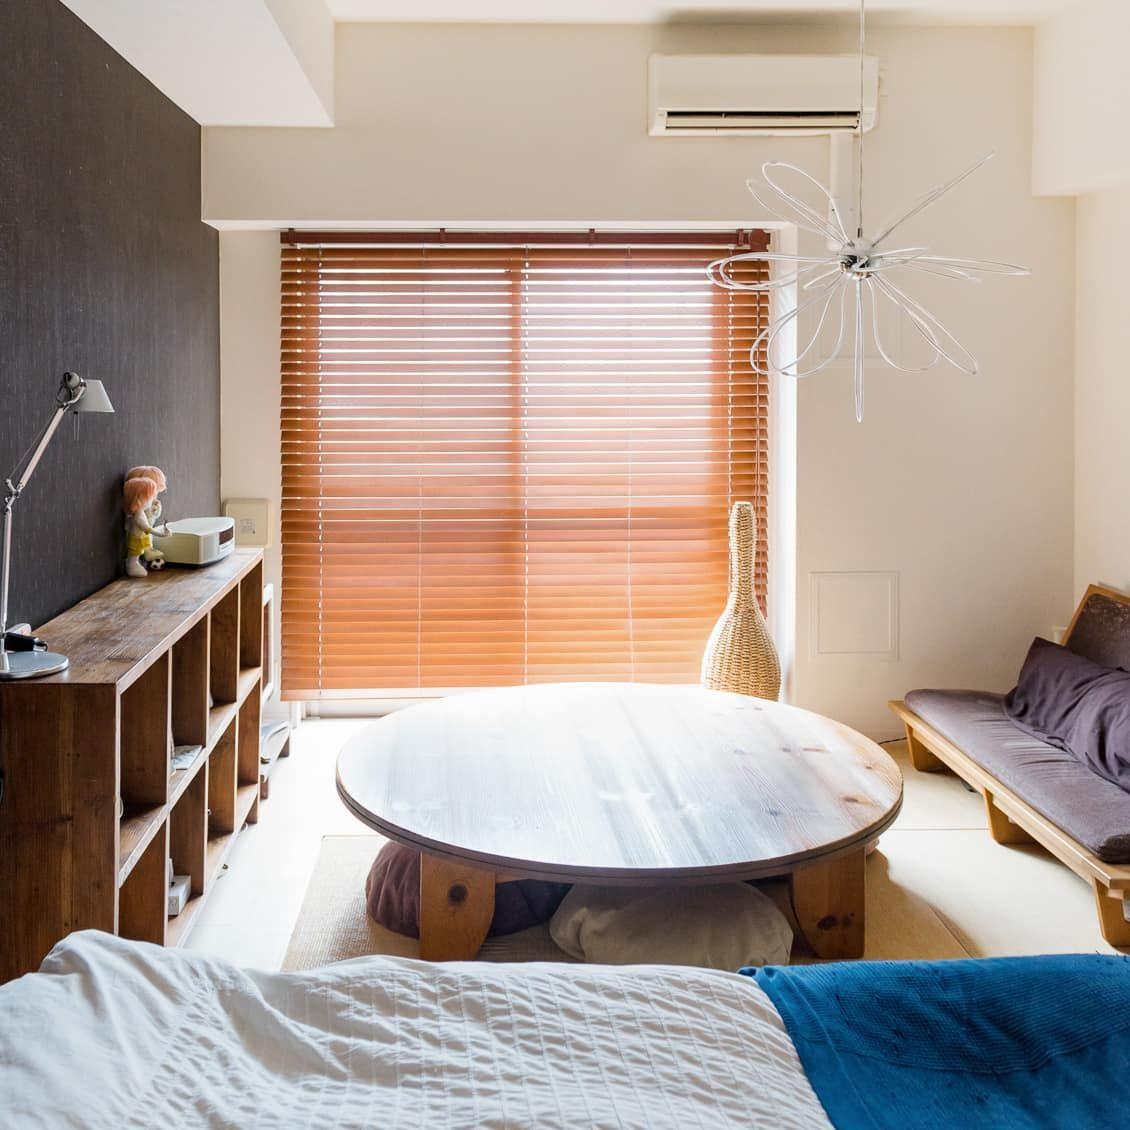 40代で あえて選んだ ワンルーム 夫婦が狭い部屋で快適に暮らすレイアウト インテリア 一人暮らし シンプル 狭い部屋 インテリア 和室 インテリア 一人暮らし